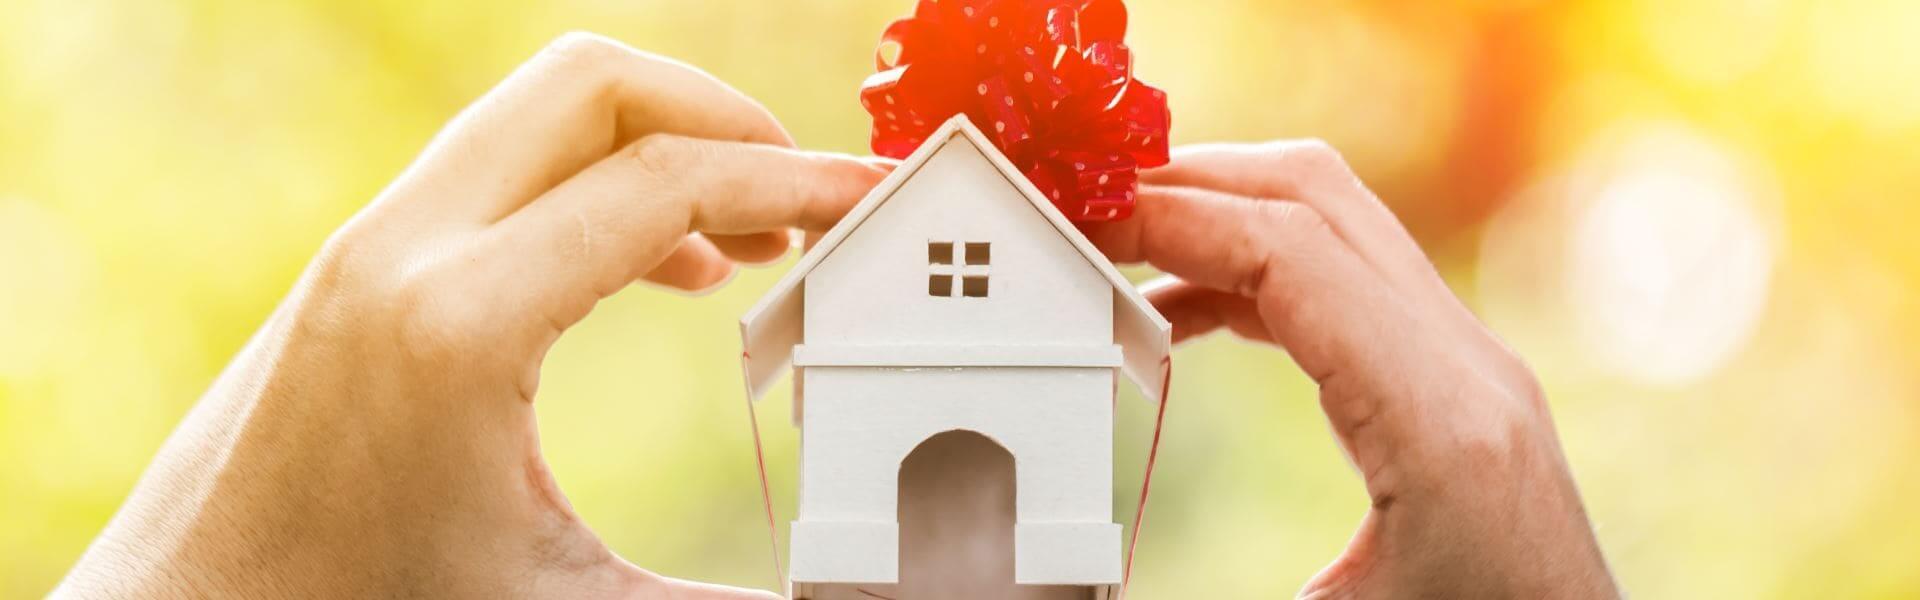 Как подарить земельный участок родственнику: оформление сделки по закону